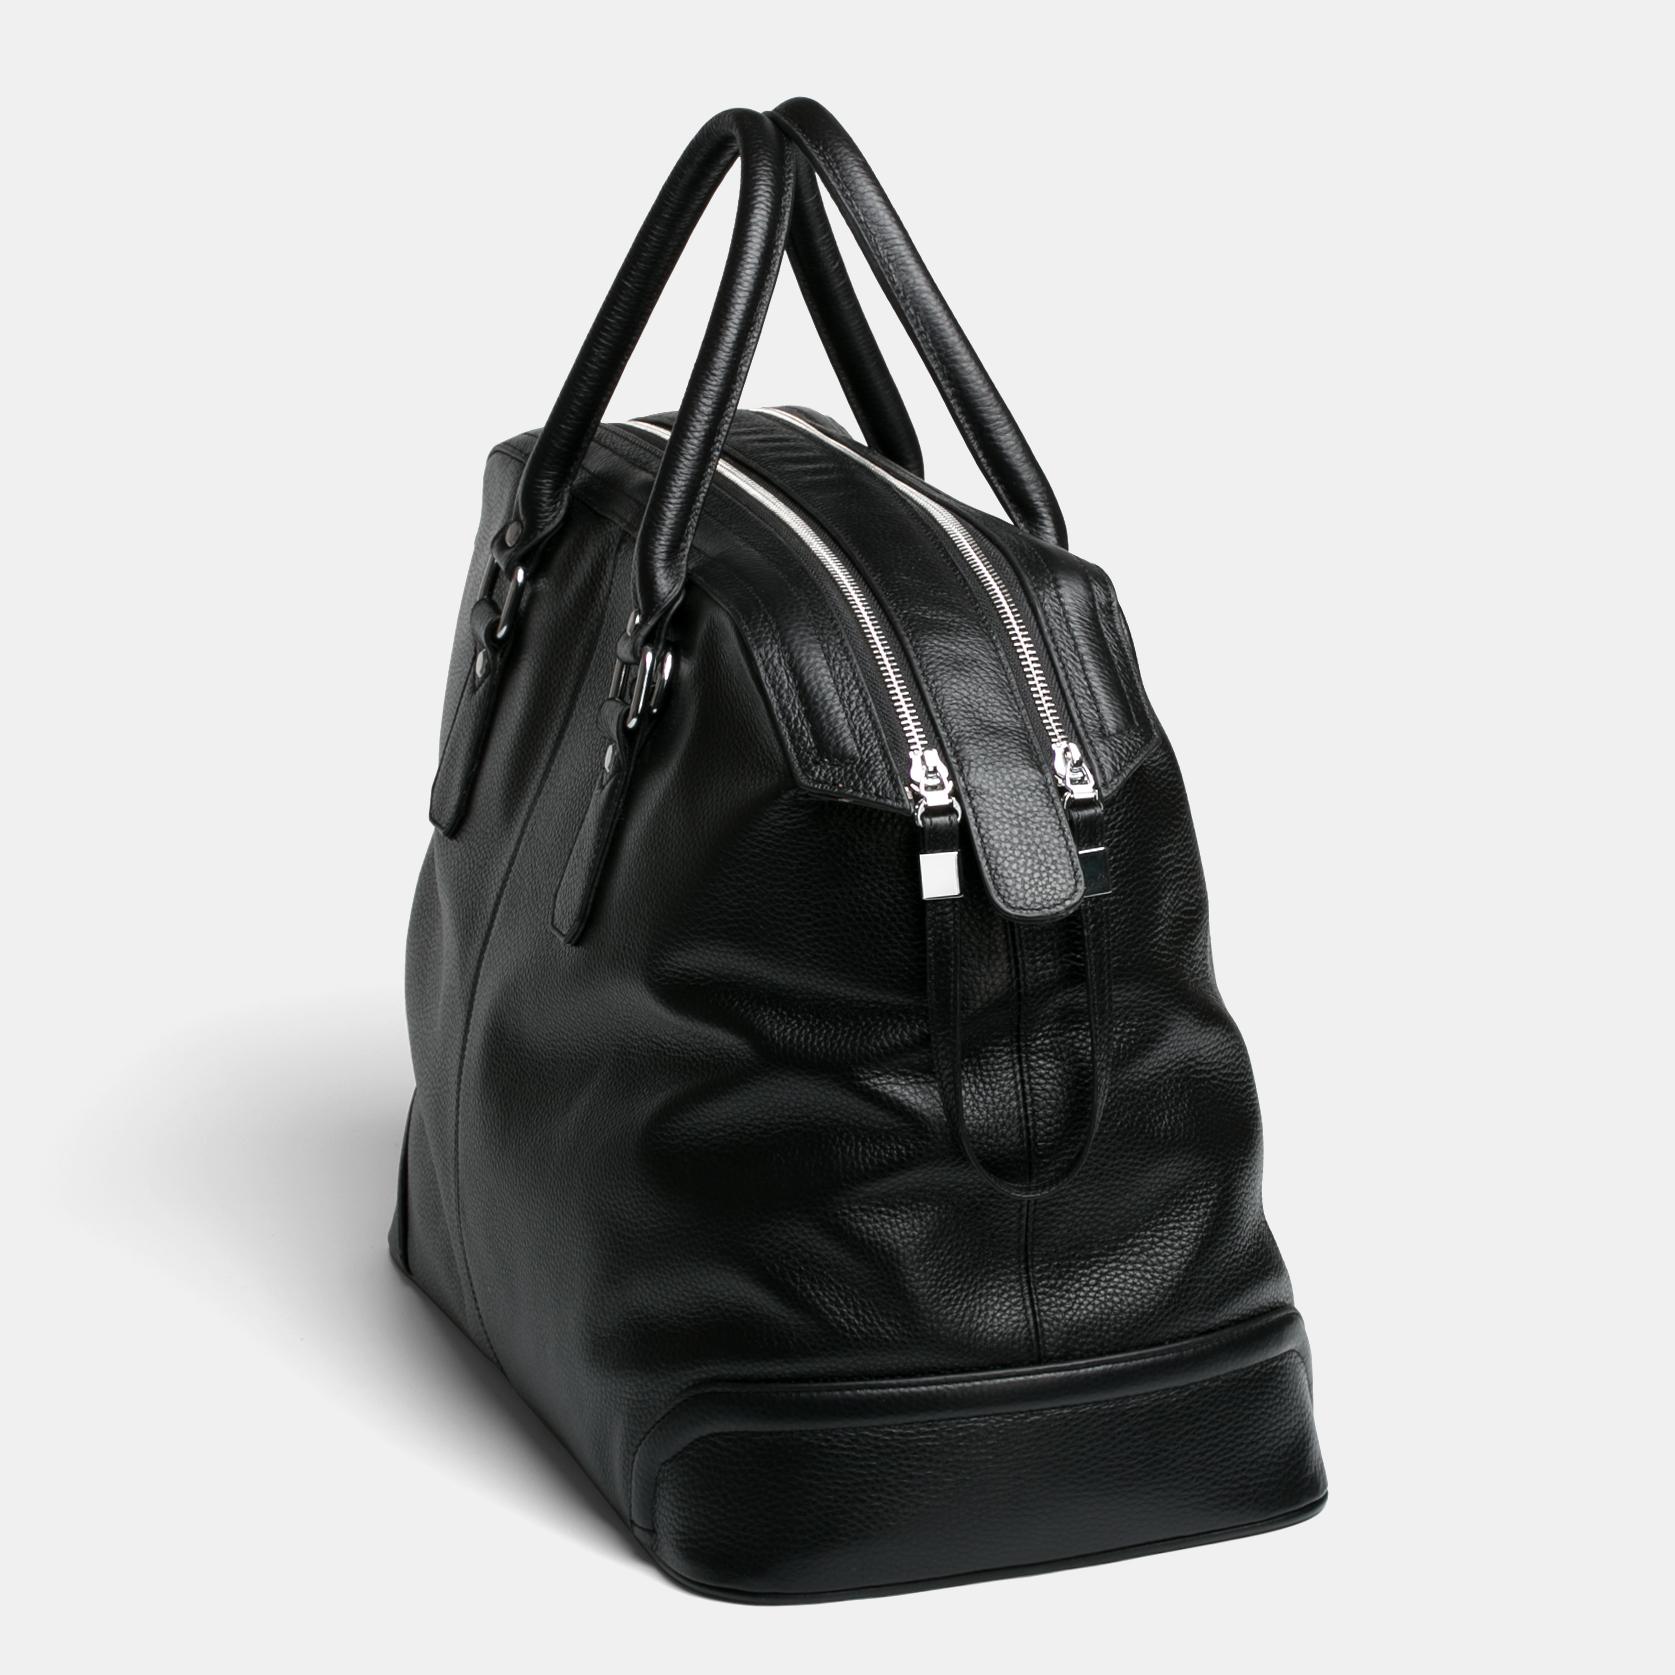 新款出差旅行包男手提真皮商务大容量行李包休闲头层牛皮旅行袋